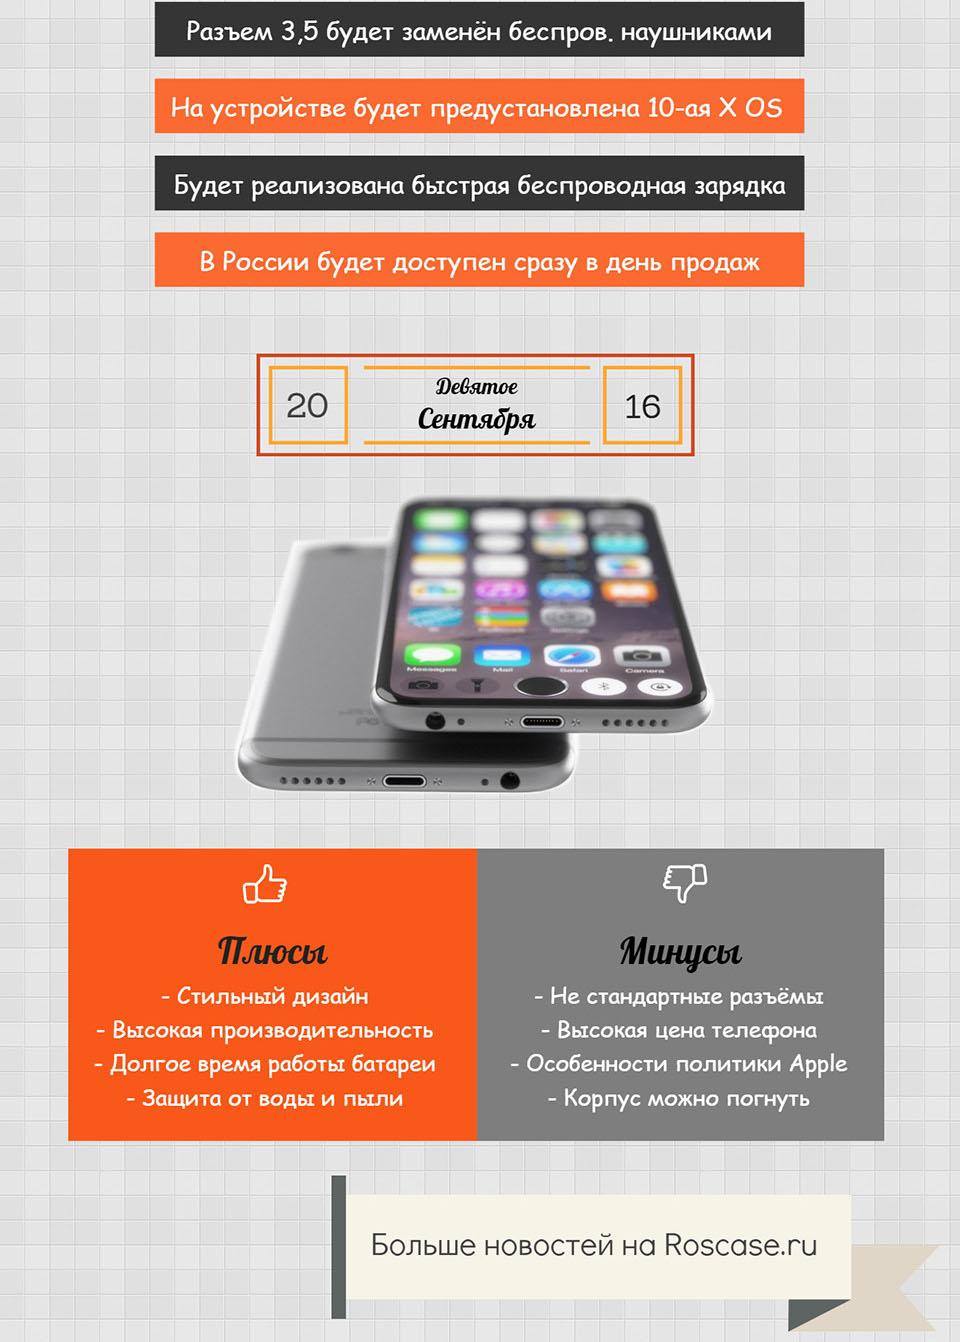 Айфон 7 Фото | Факты в новотях | Инфографика 2